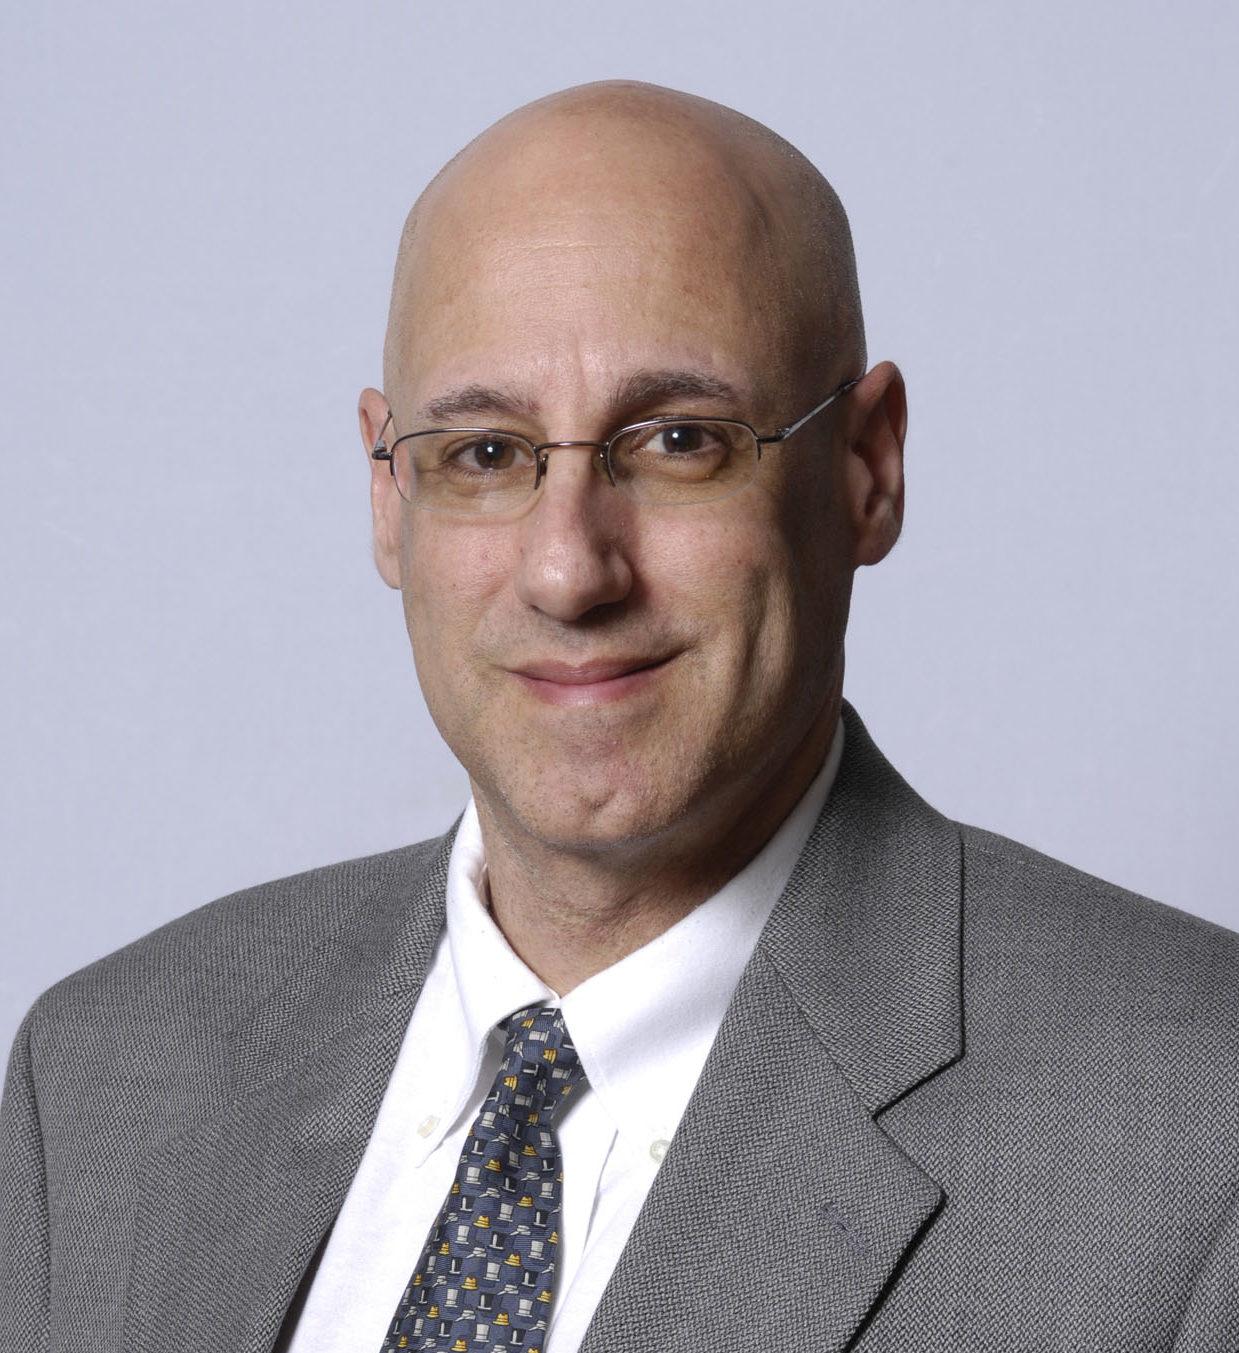 David Bojanic